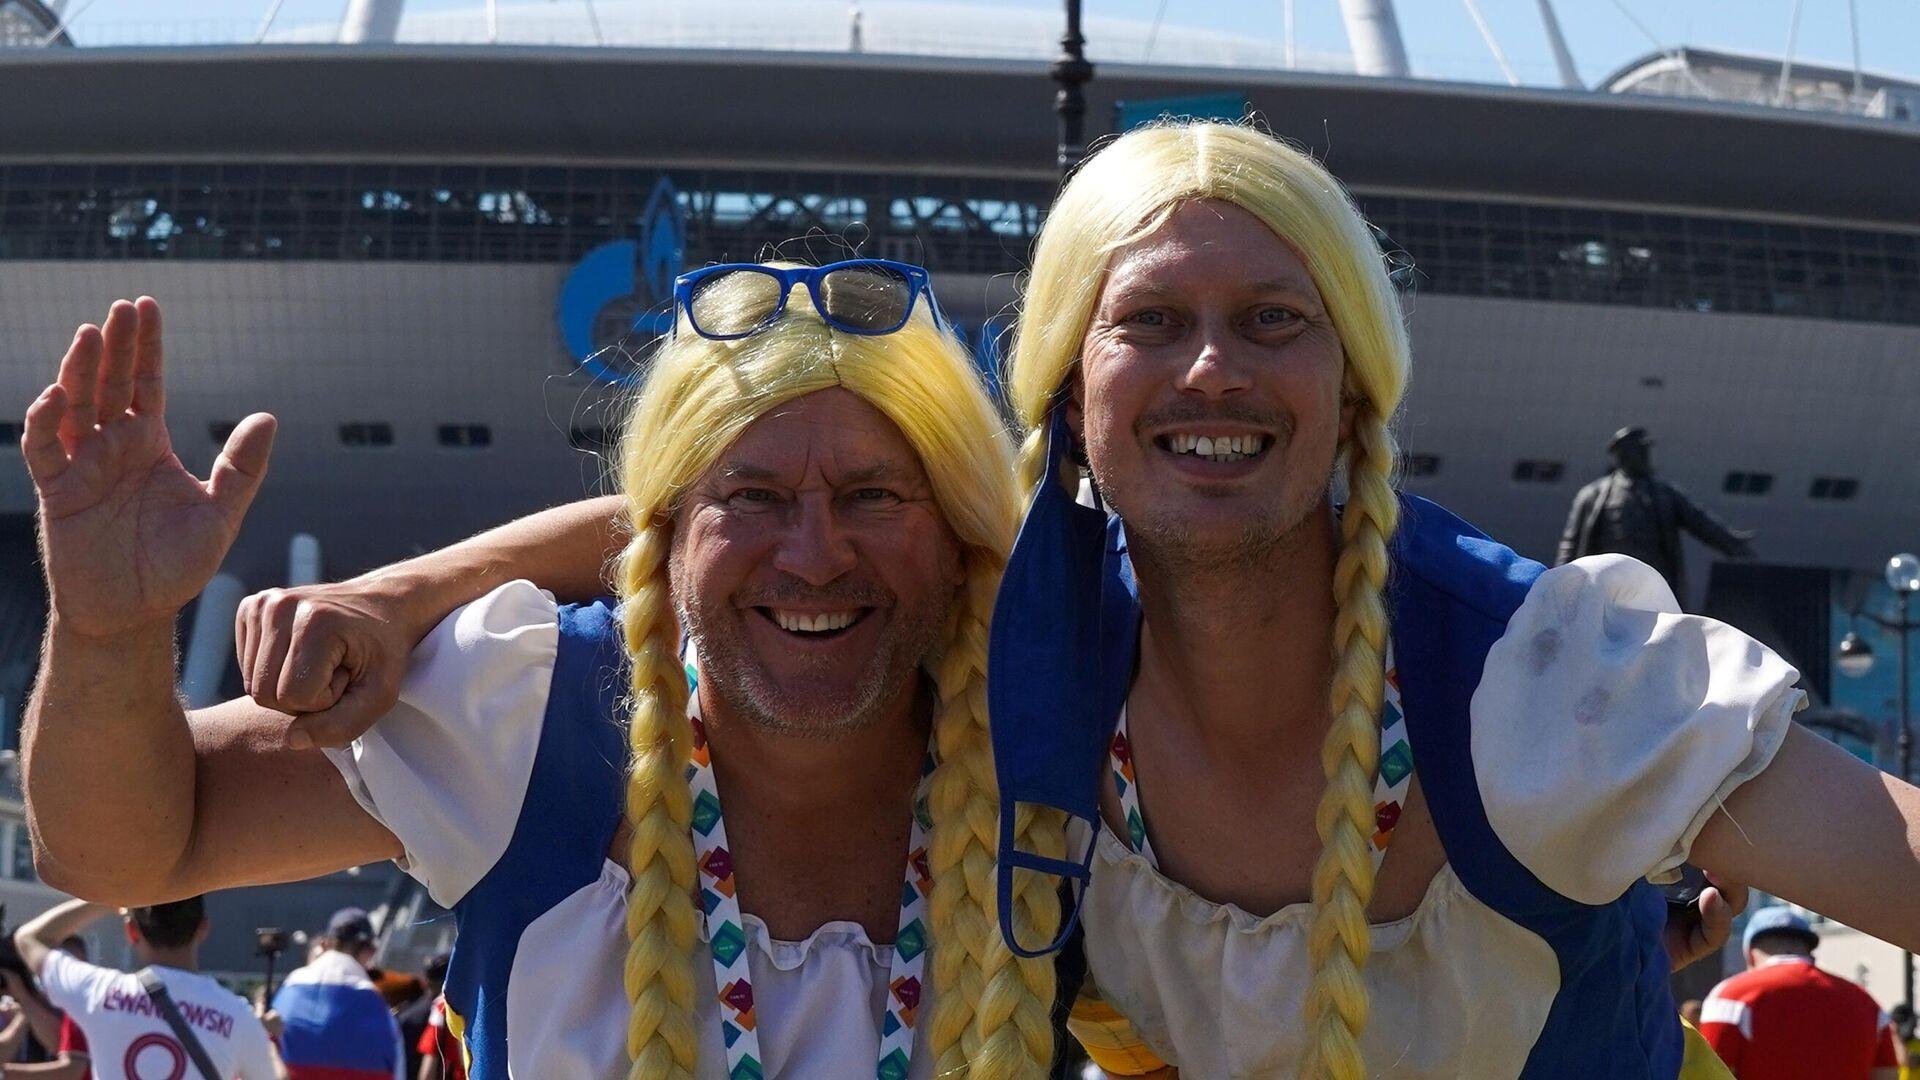 Болельщики сборной Швеции перед началом матча 2-го тура группового этапа чемпионата Европы по футболу 2020 между сборными Швеции и Словакии. - Sputnik Латвия, 1920, 09.07.2021